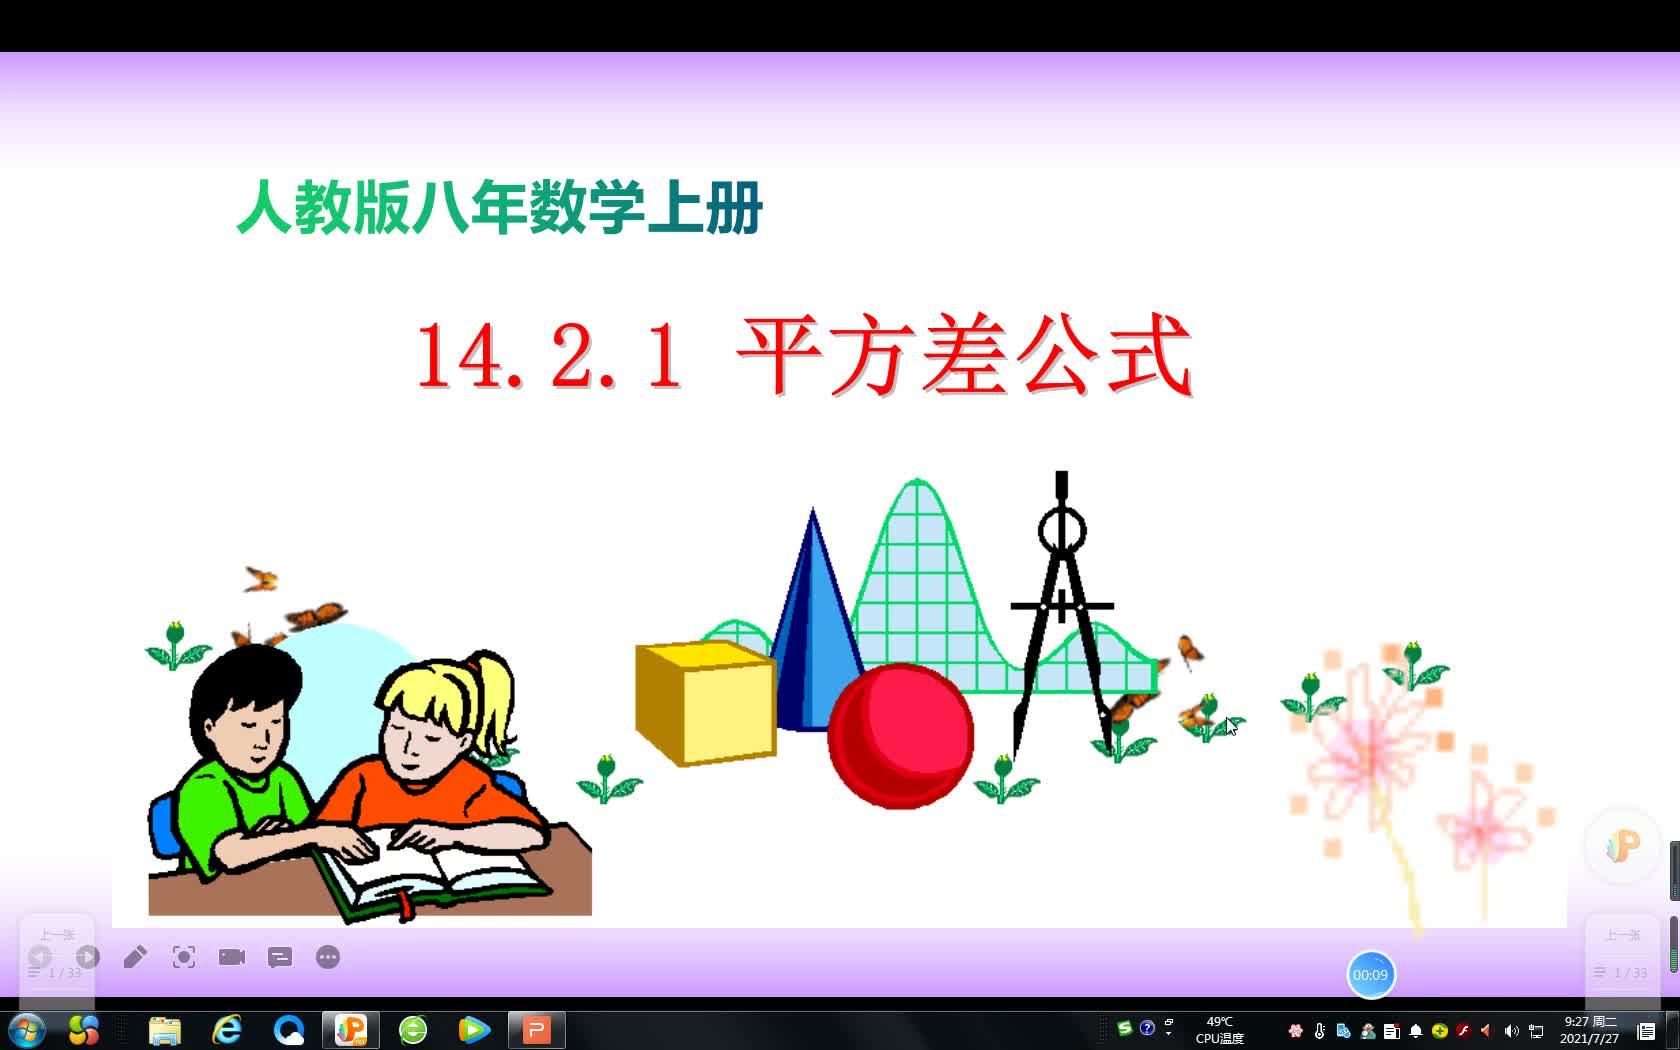 14.2.1 平方差公式 视频微课2021--2022学年人教版数学八年级数学上册